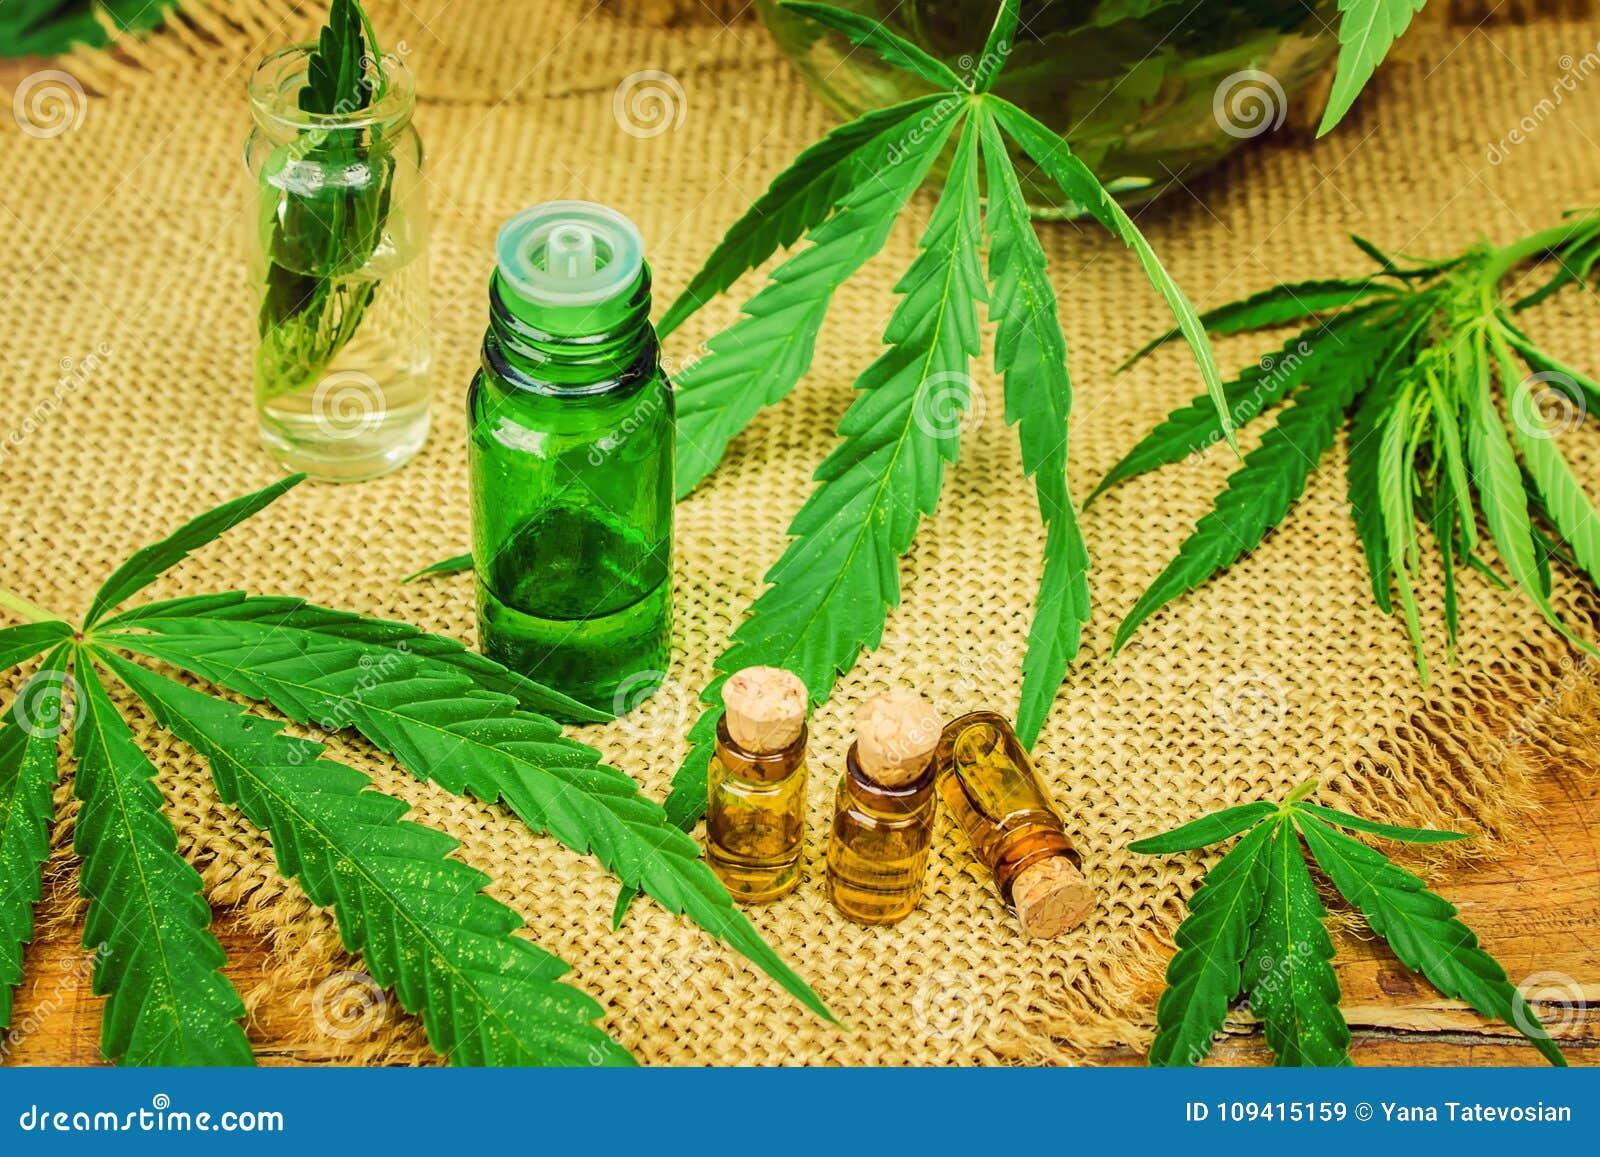 Конопля отвар чем правильно удобрять марихуану